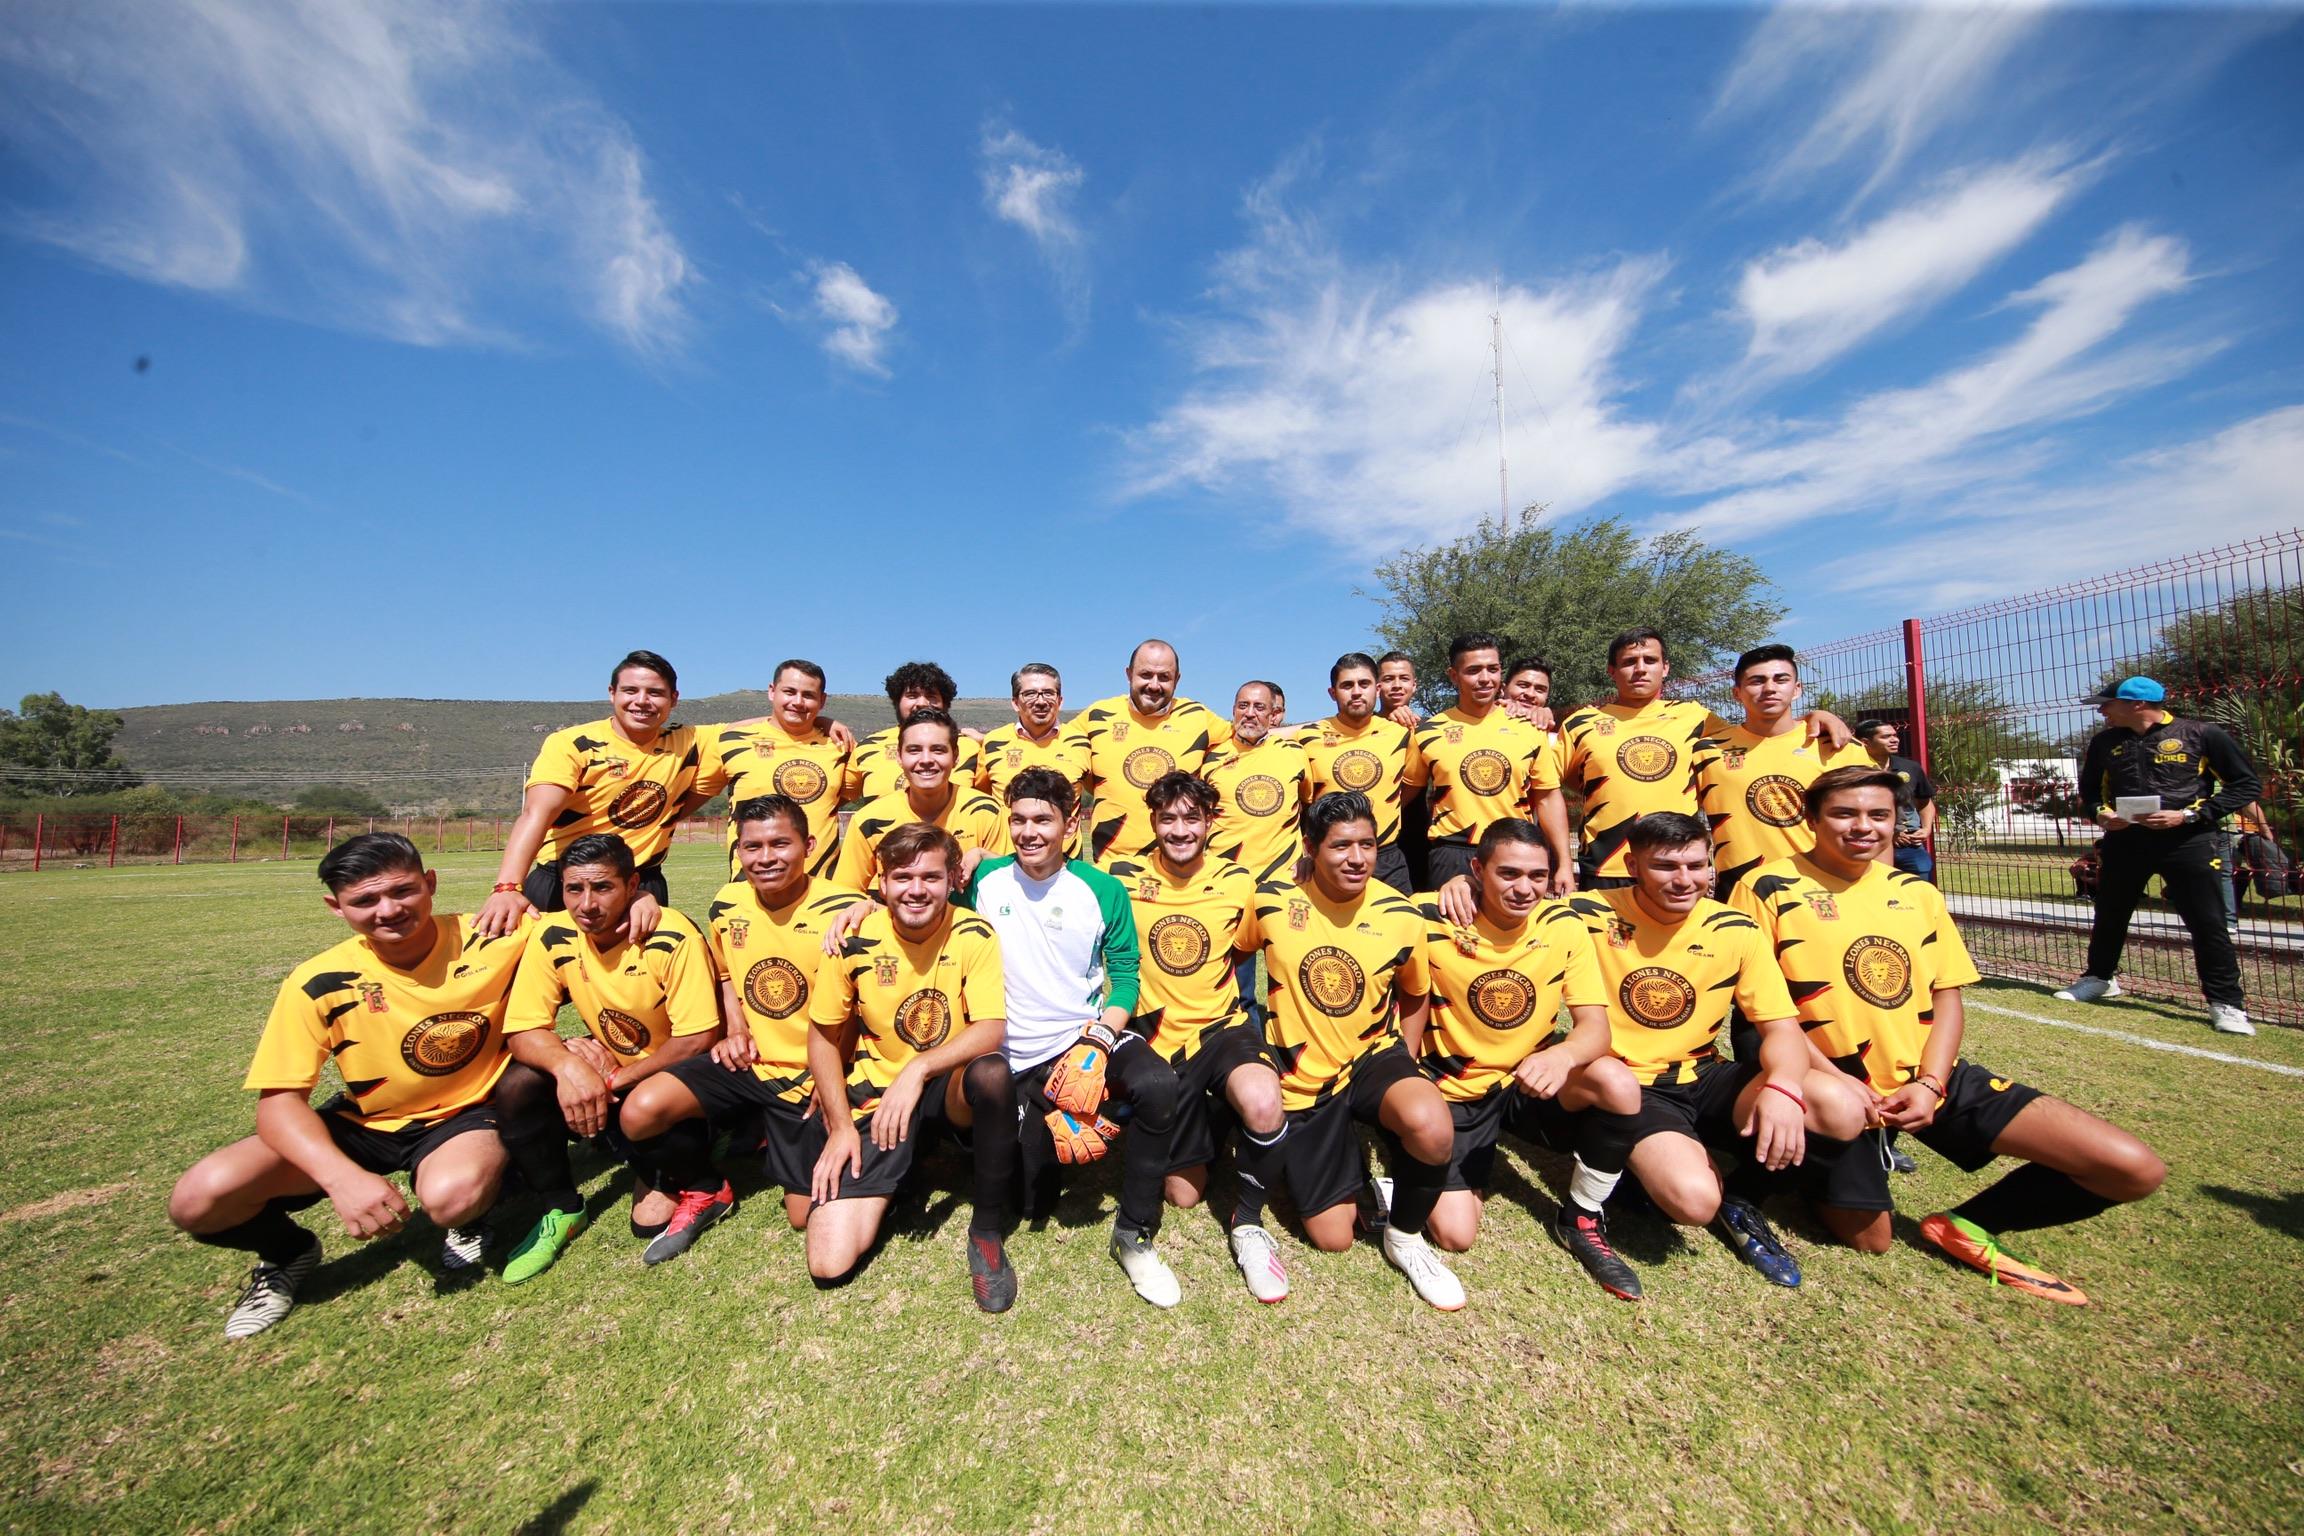 El Rector General de la UdeG con el equipo de futbol Leones Negros de CUNorte